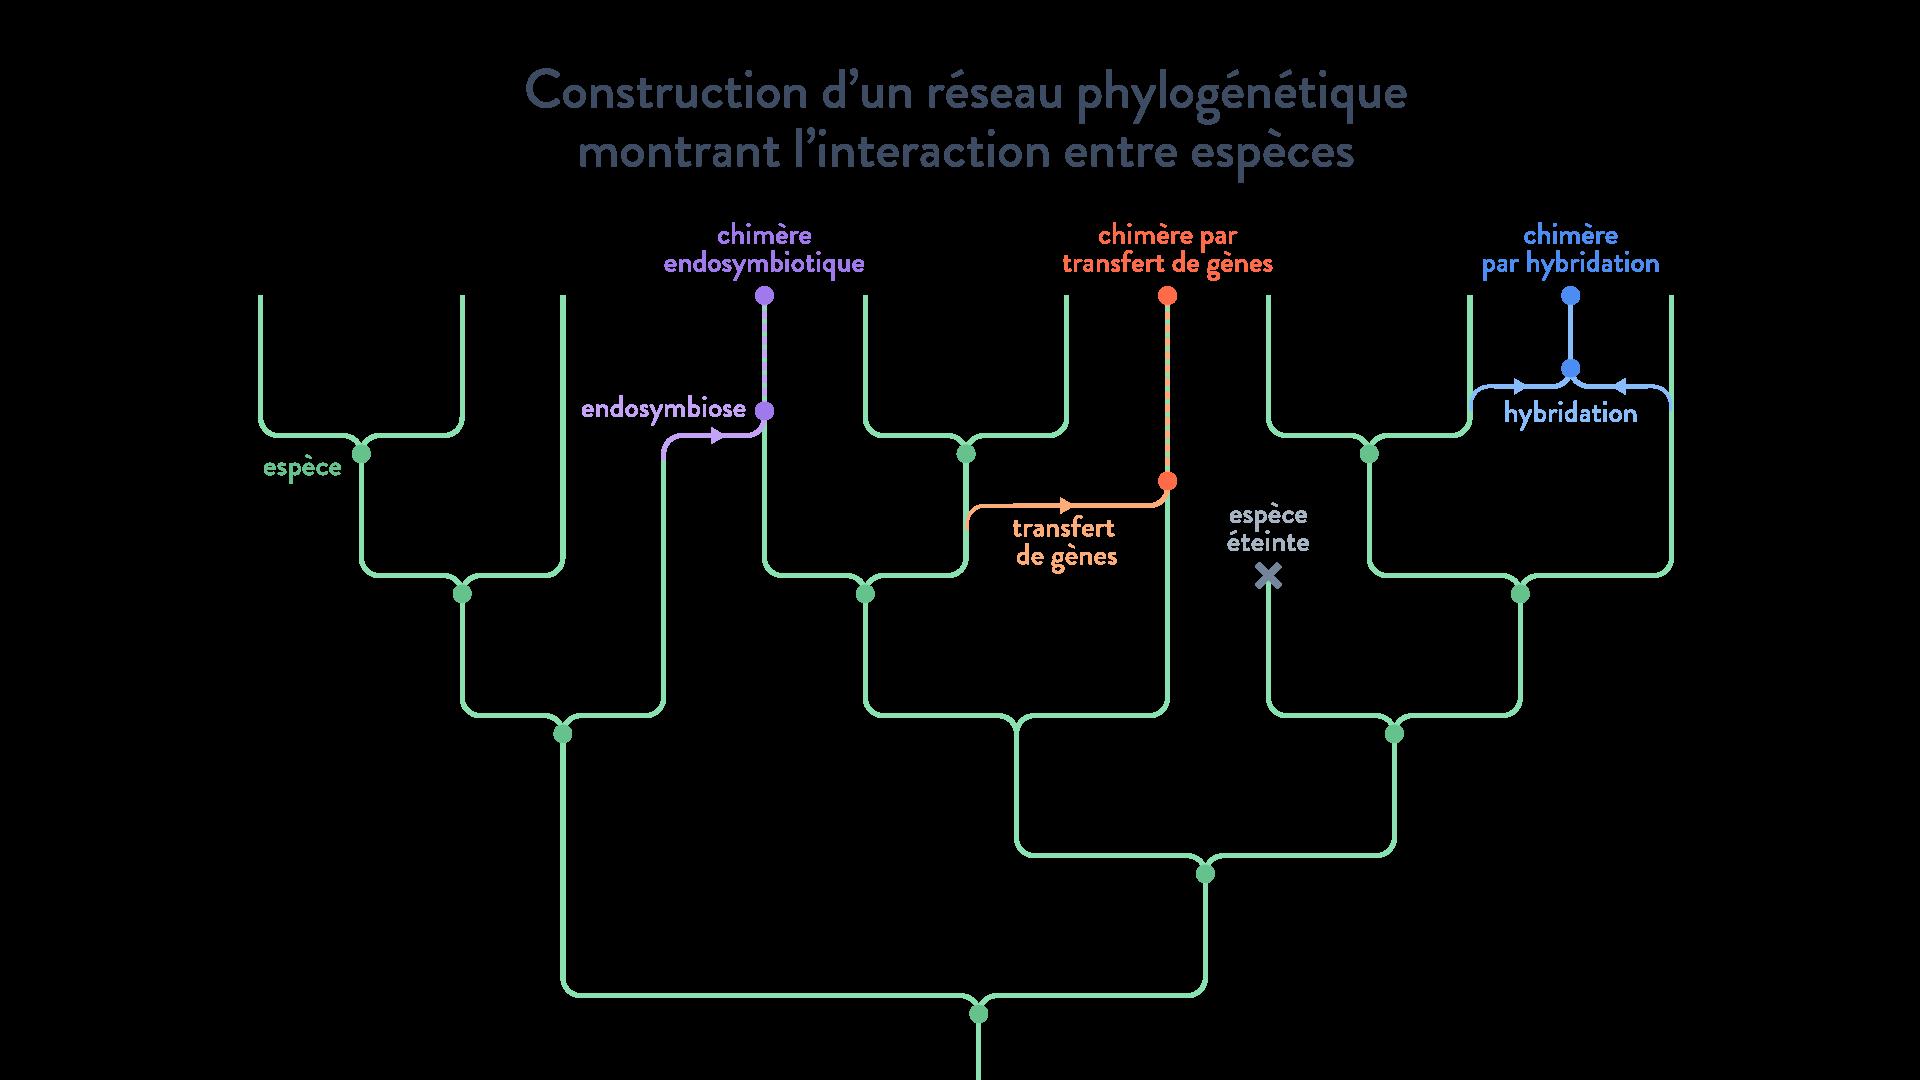 réseau phylogénétique génomes transferts horizontaux